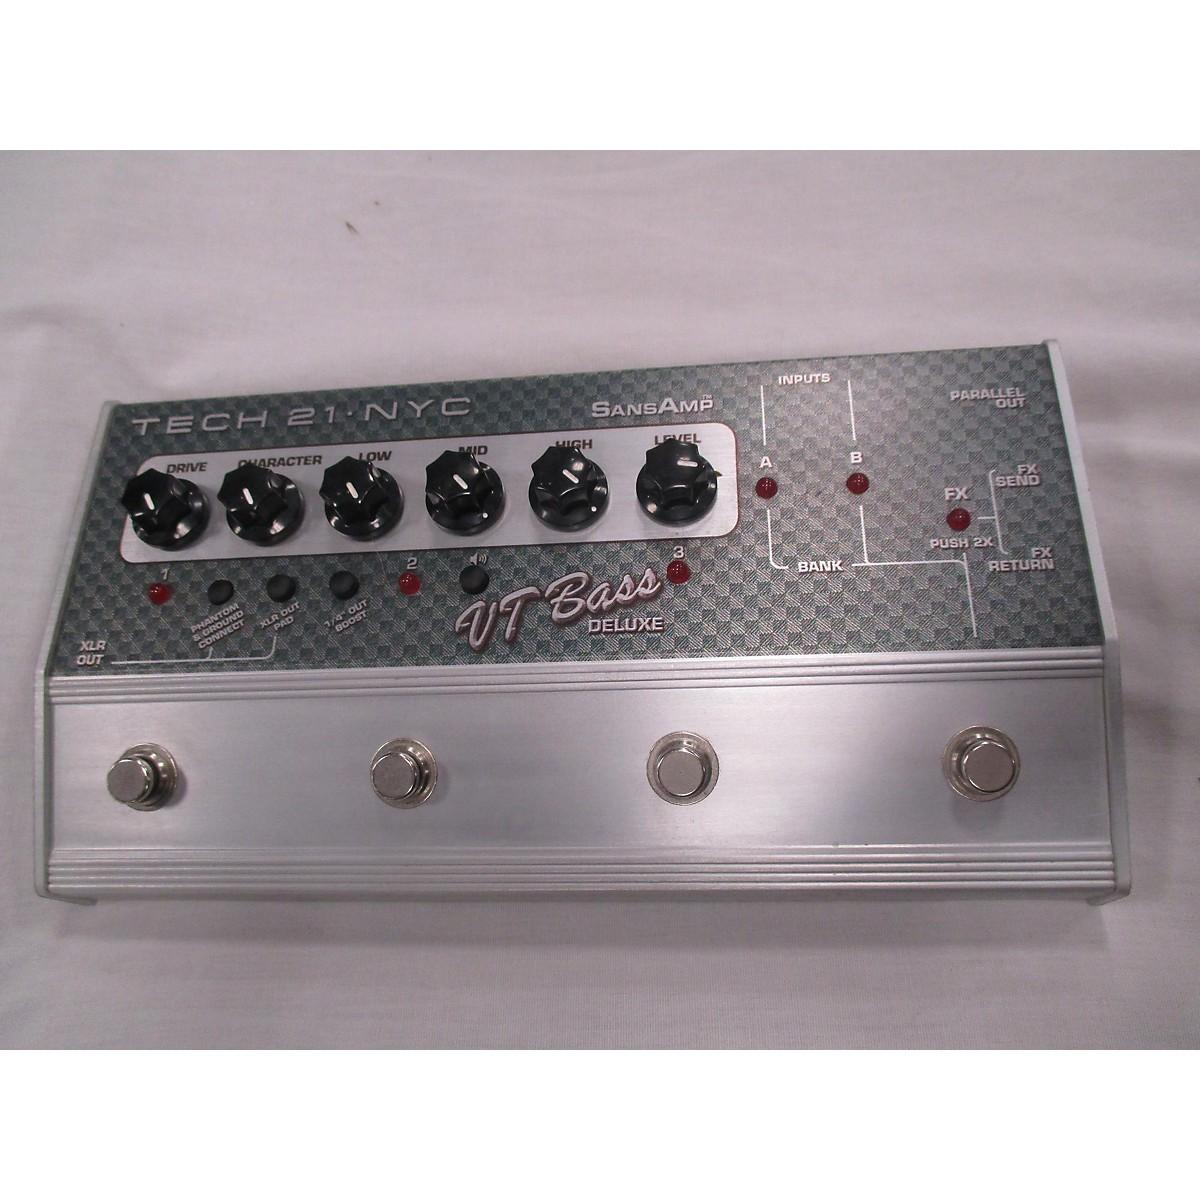 Tech 21 VT Bass Deluxe Effect Pedal